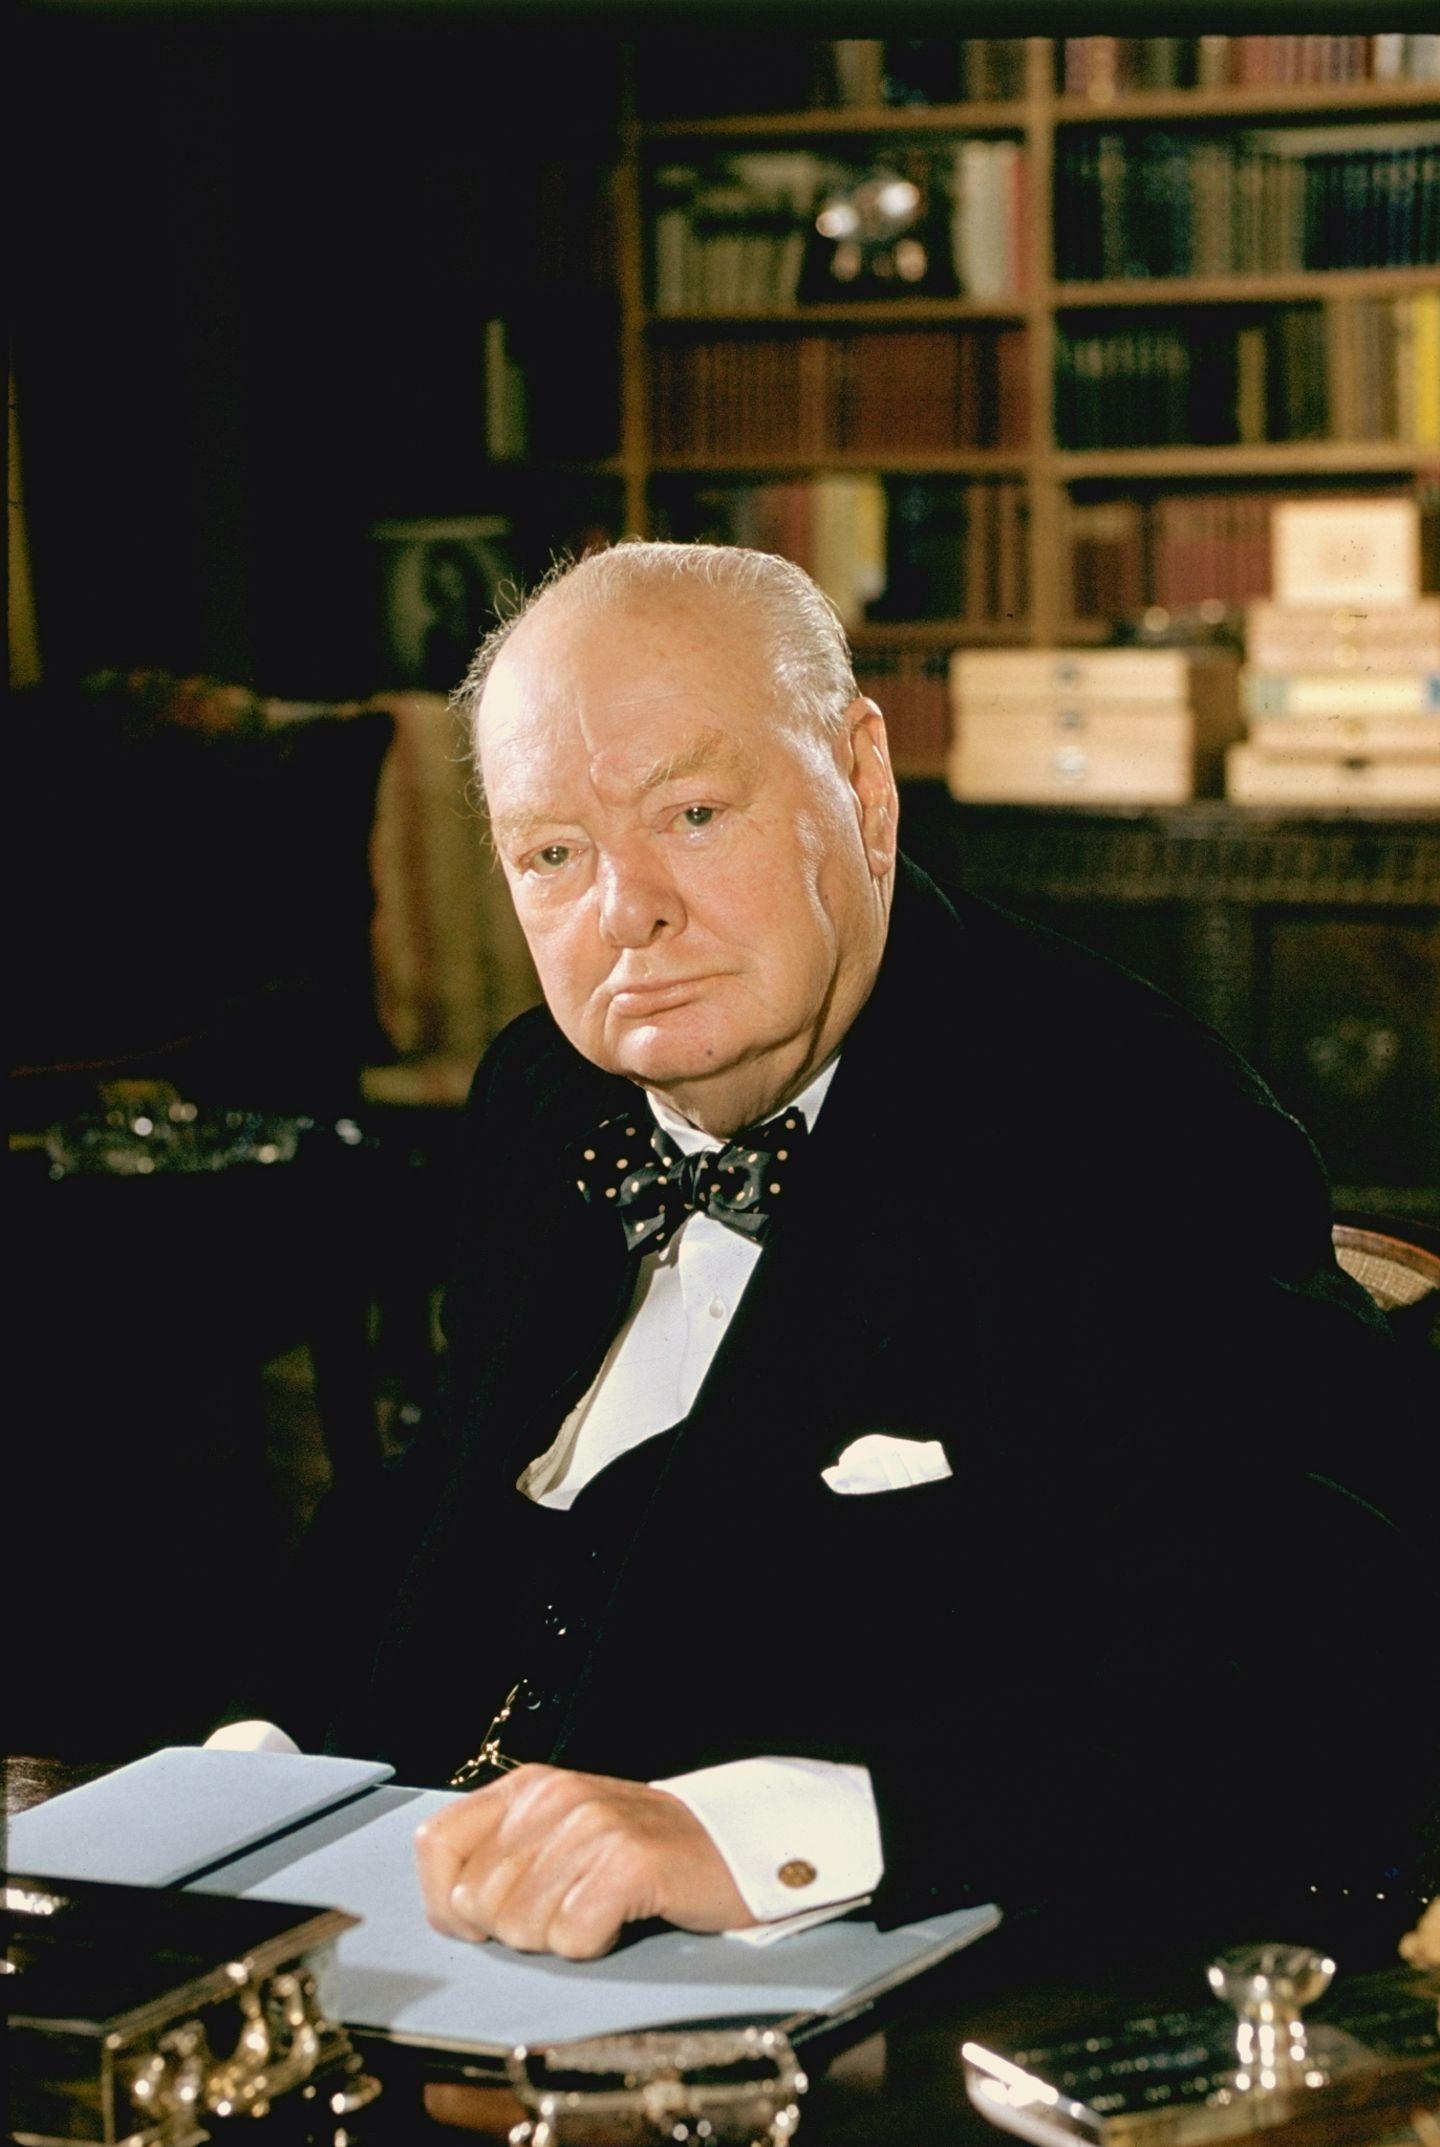 Der große englische Staatsmann Sir Winston Churchill1956 an seinem Schreibtisch.Im Jahr zuvor war er nach einem Schlaganfall vom Amt des Premierministers zurückgetreten. In der britischen Politiker mischte er aber noch weiter mit: Bis 1964 saß er als Abgeordneter im Unterhaus.